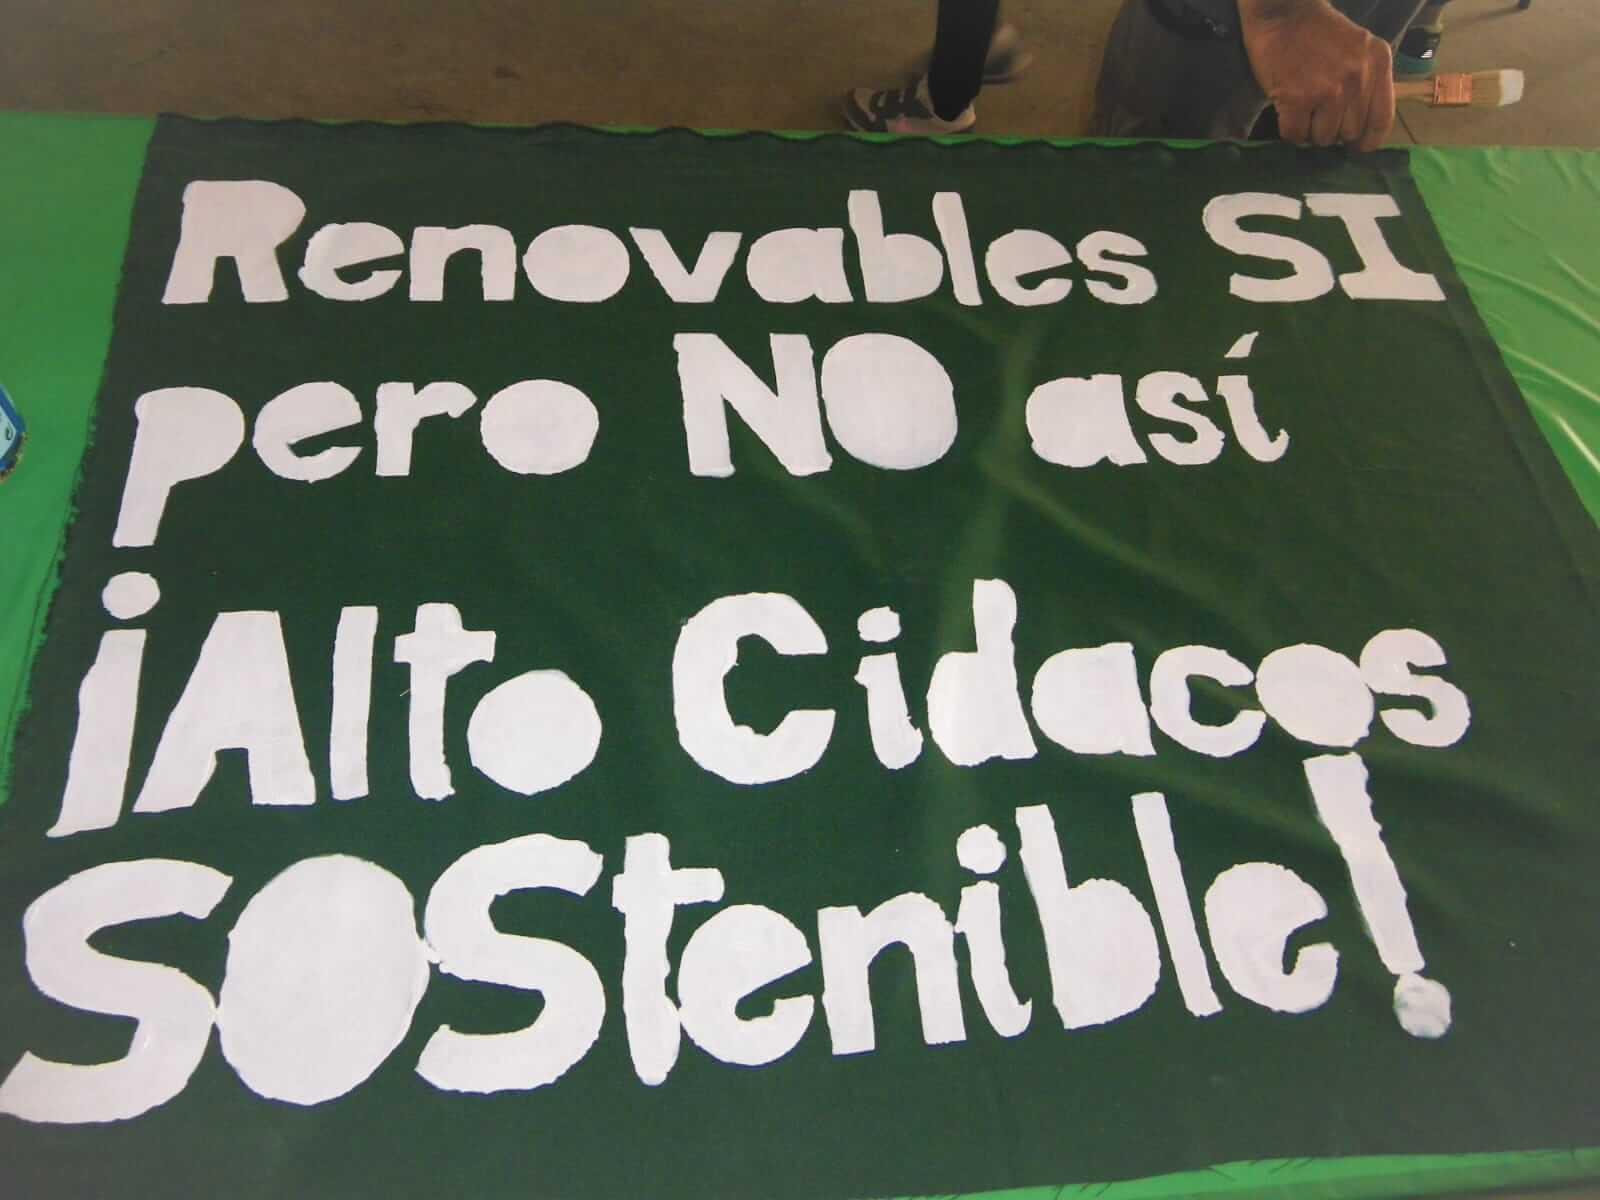 Ecologistas en Acción de La Rioja solicita una declaración de impacto ambiental negativa para el parque eólico 'Los Cruzados' que se proyecta en el Alto Cidacos